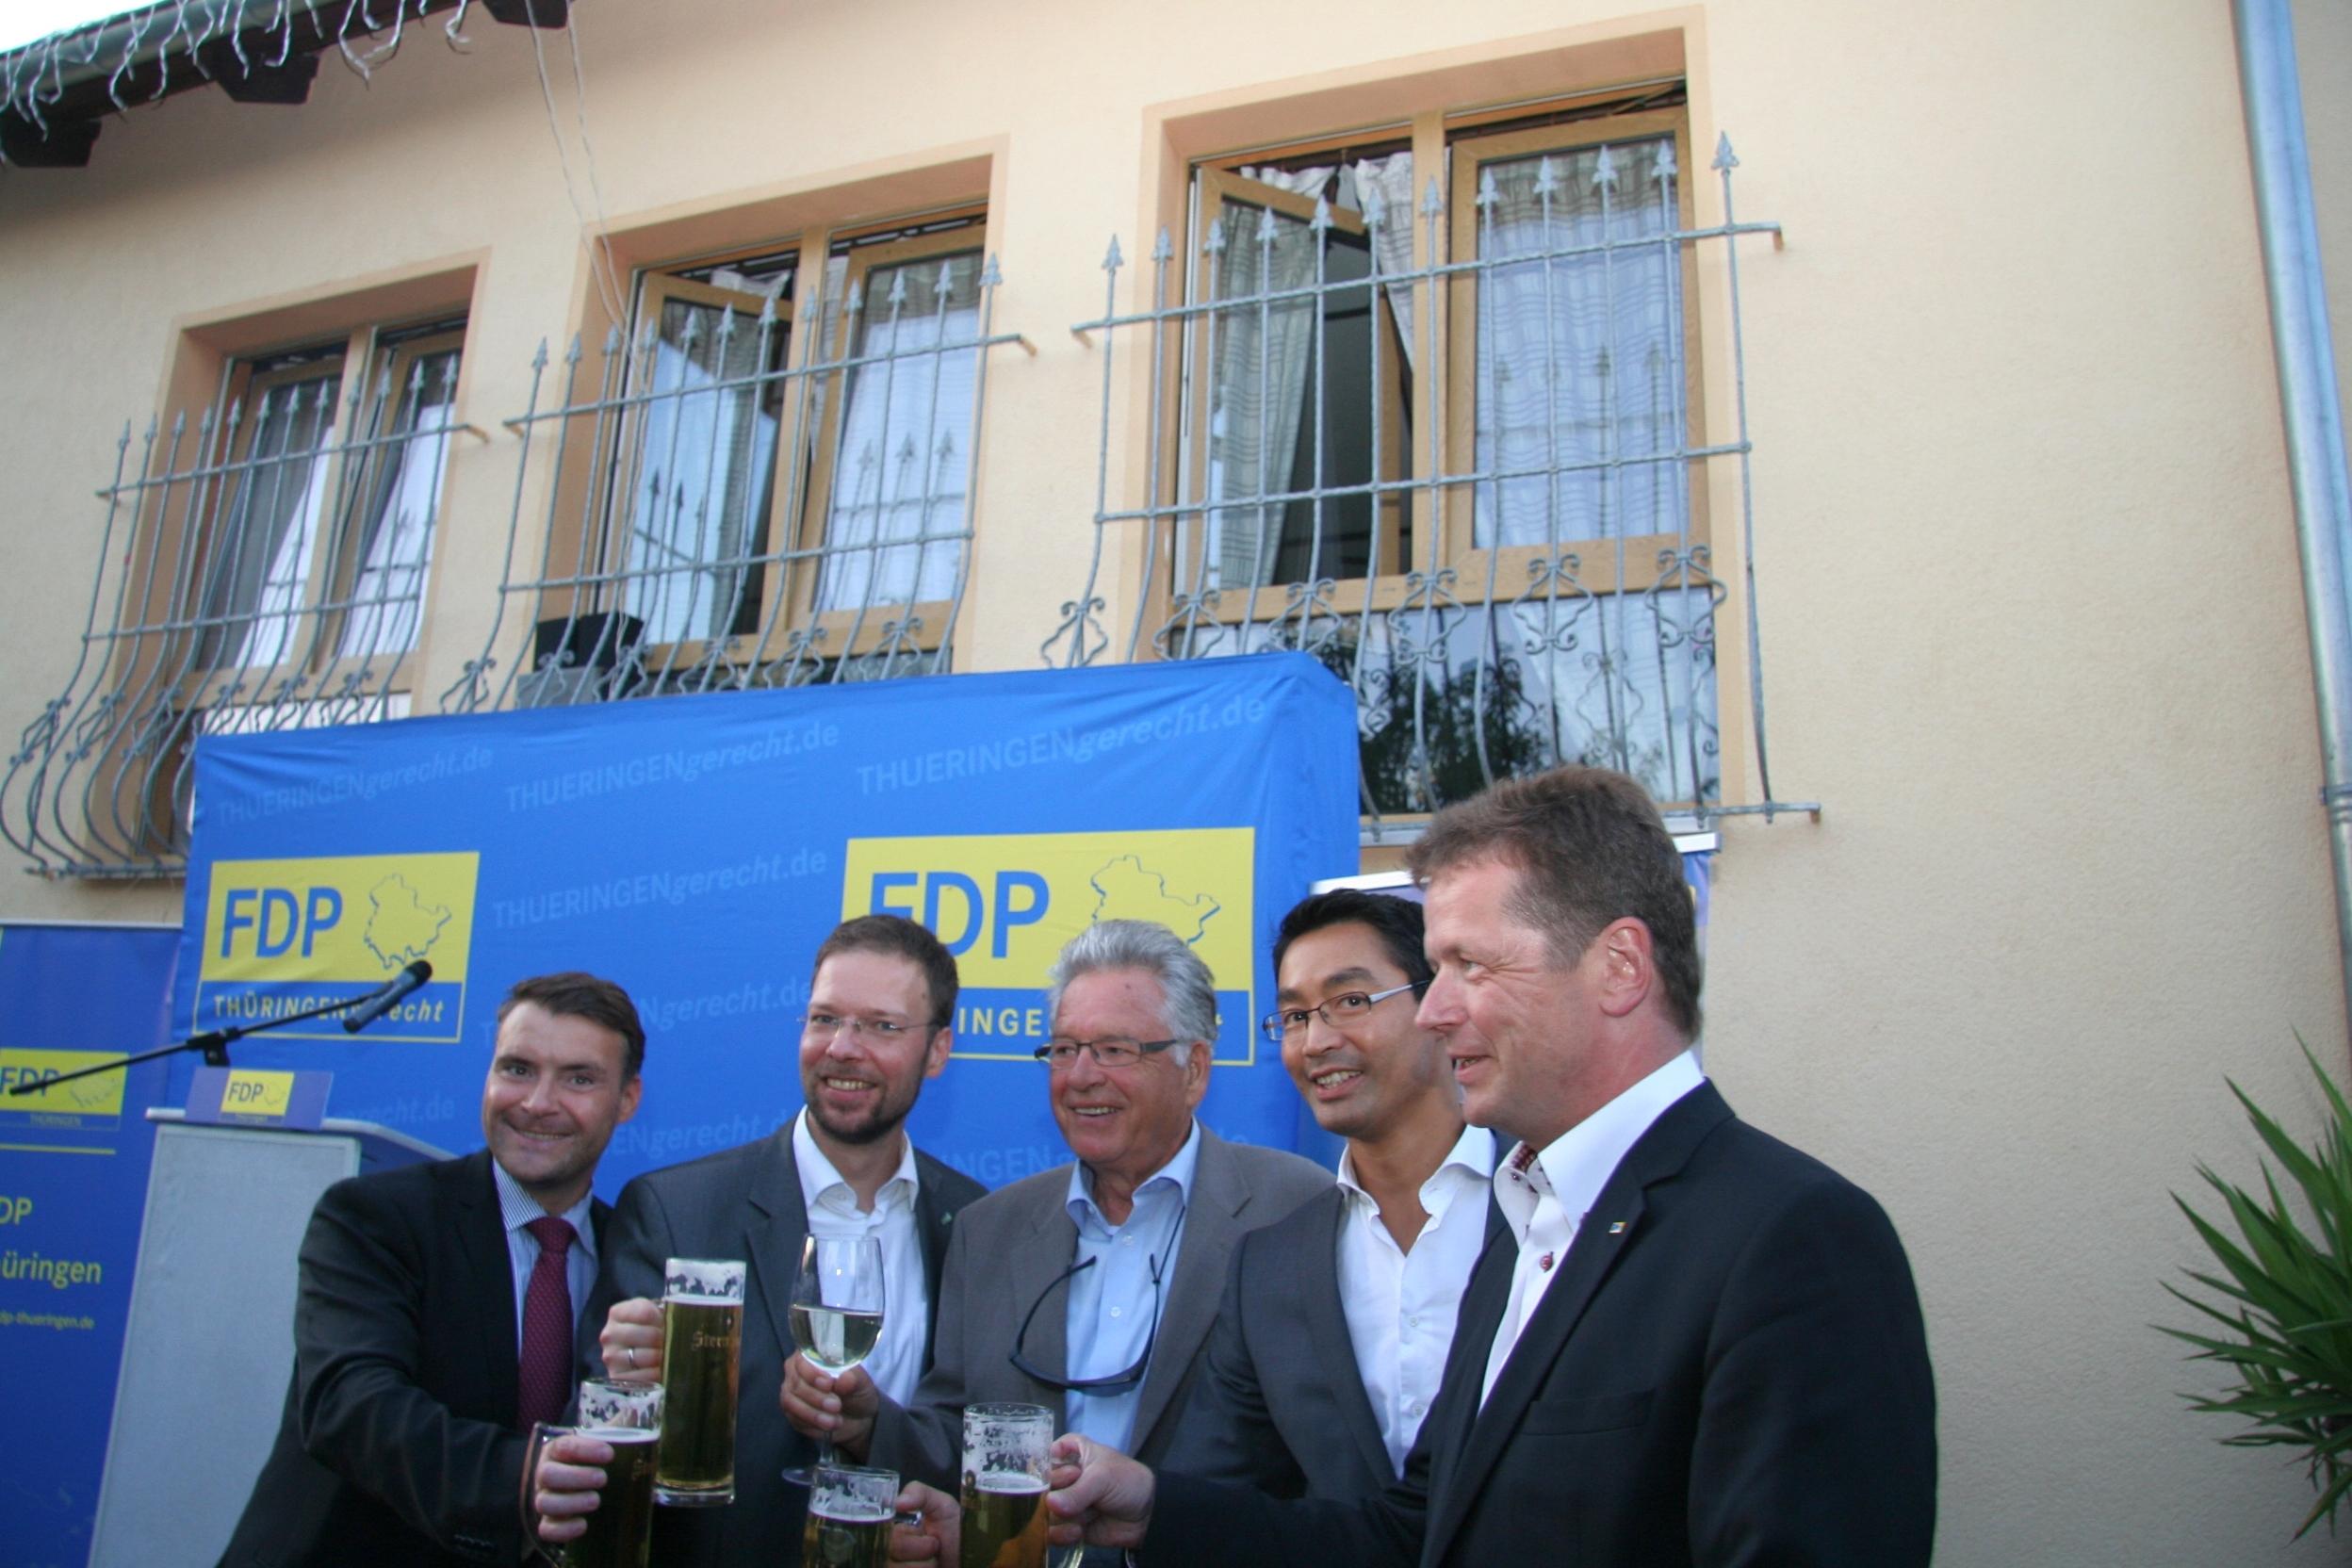 FDP-Chef Rösler in Jena